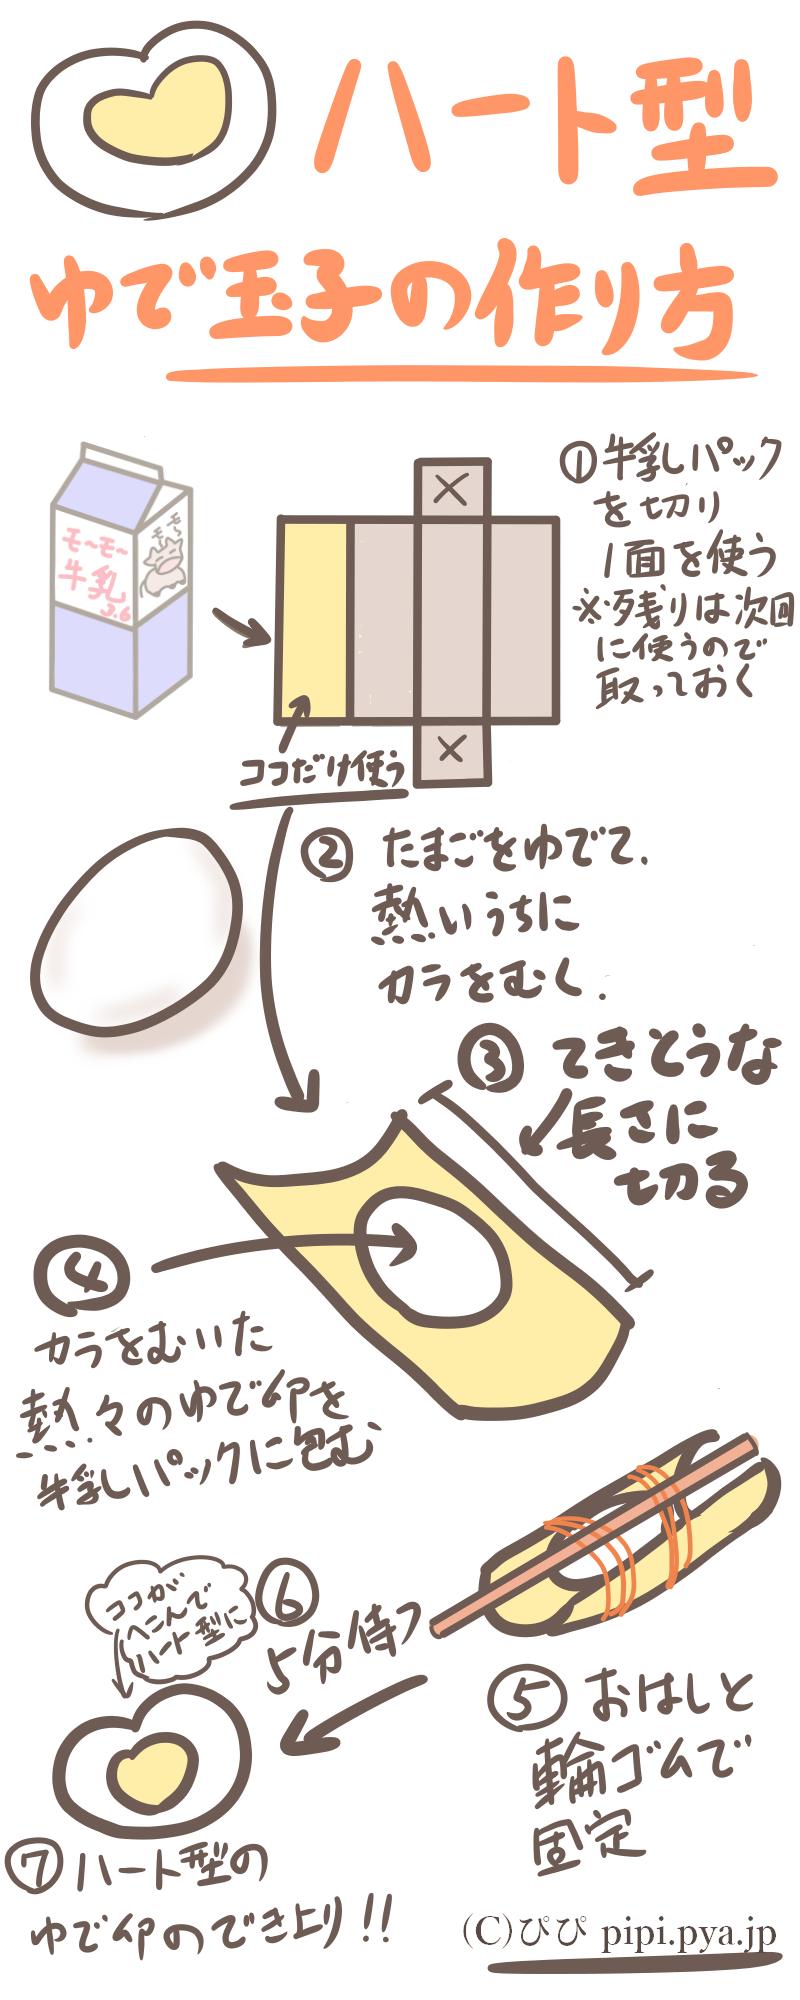 ハート形のゆで卵